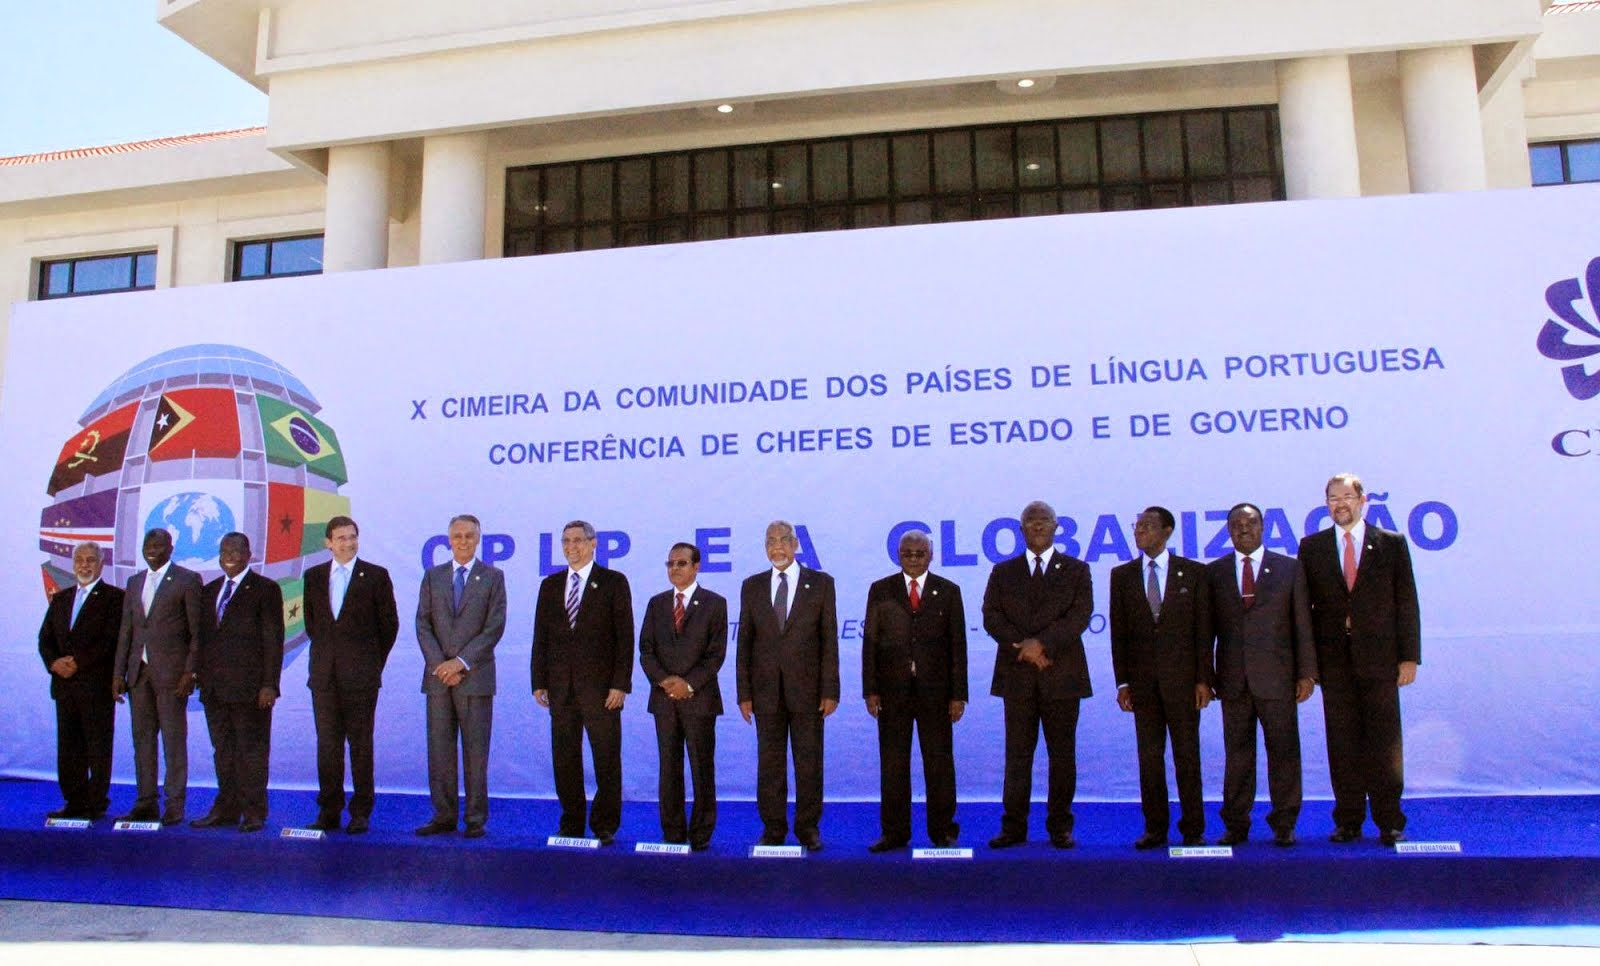 X CPLP Summit in Dili - Timor-Leste